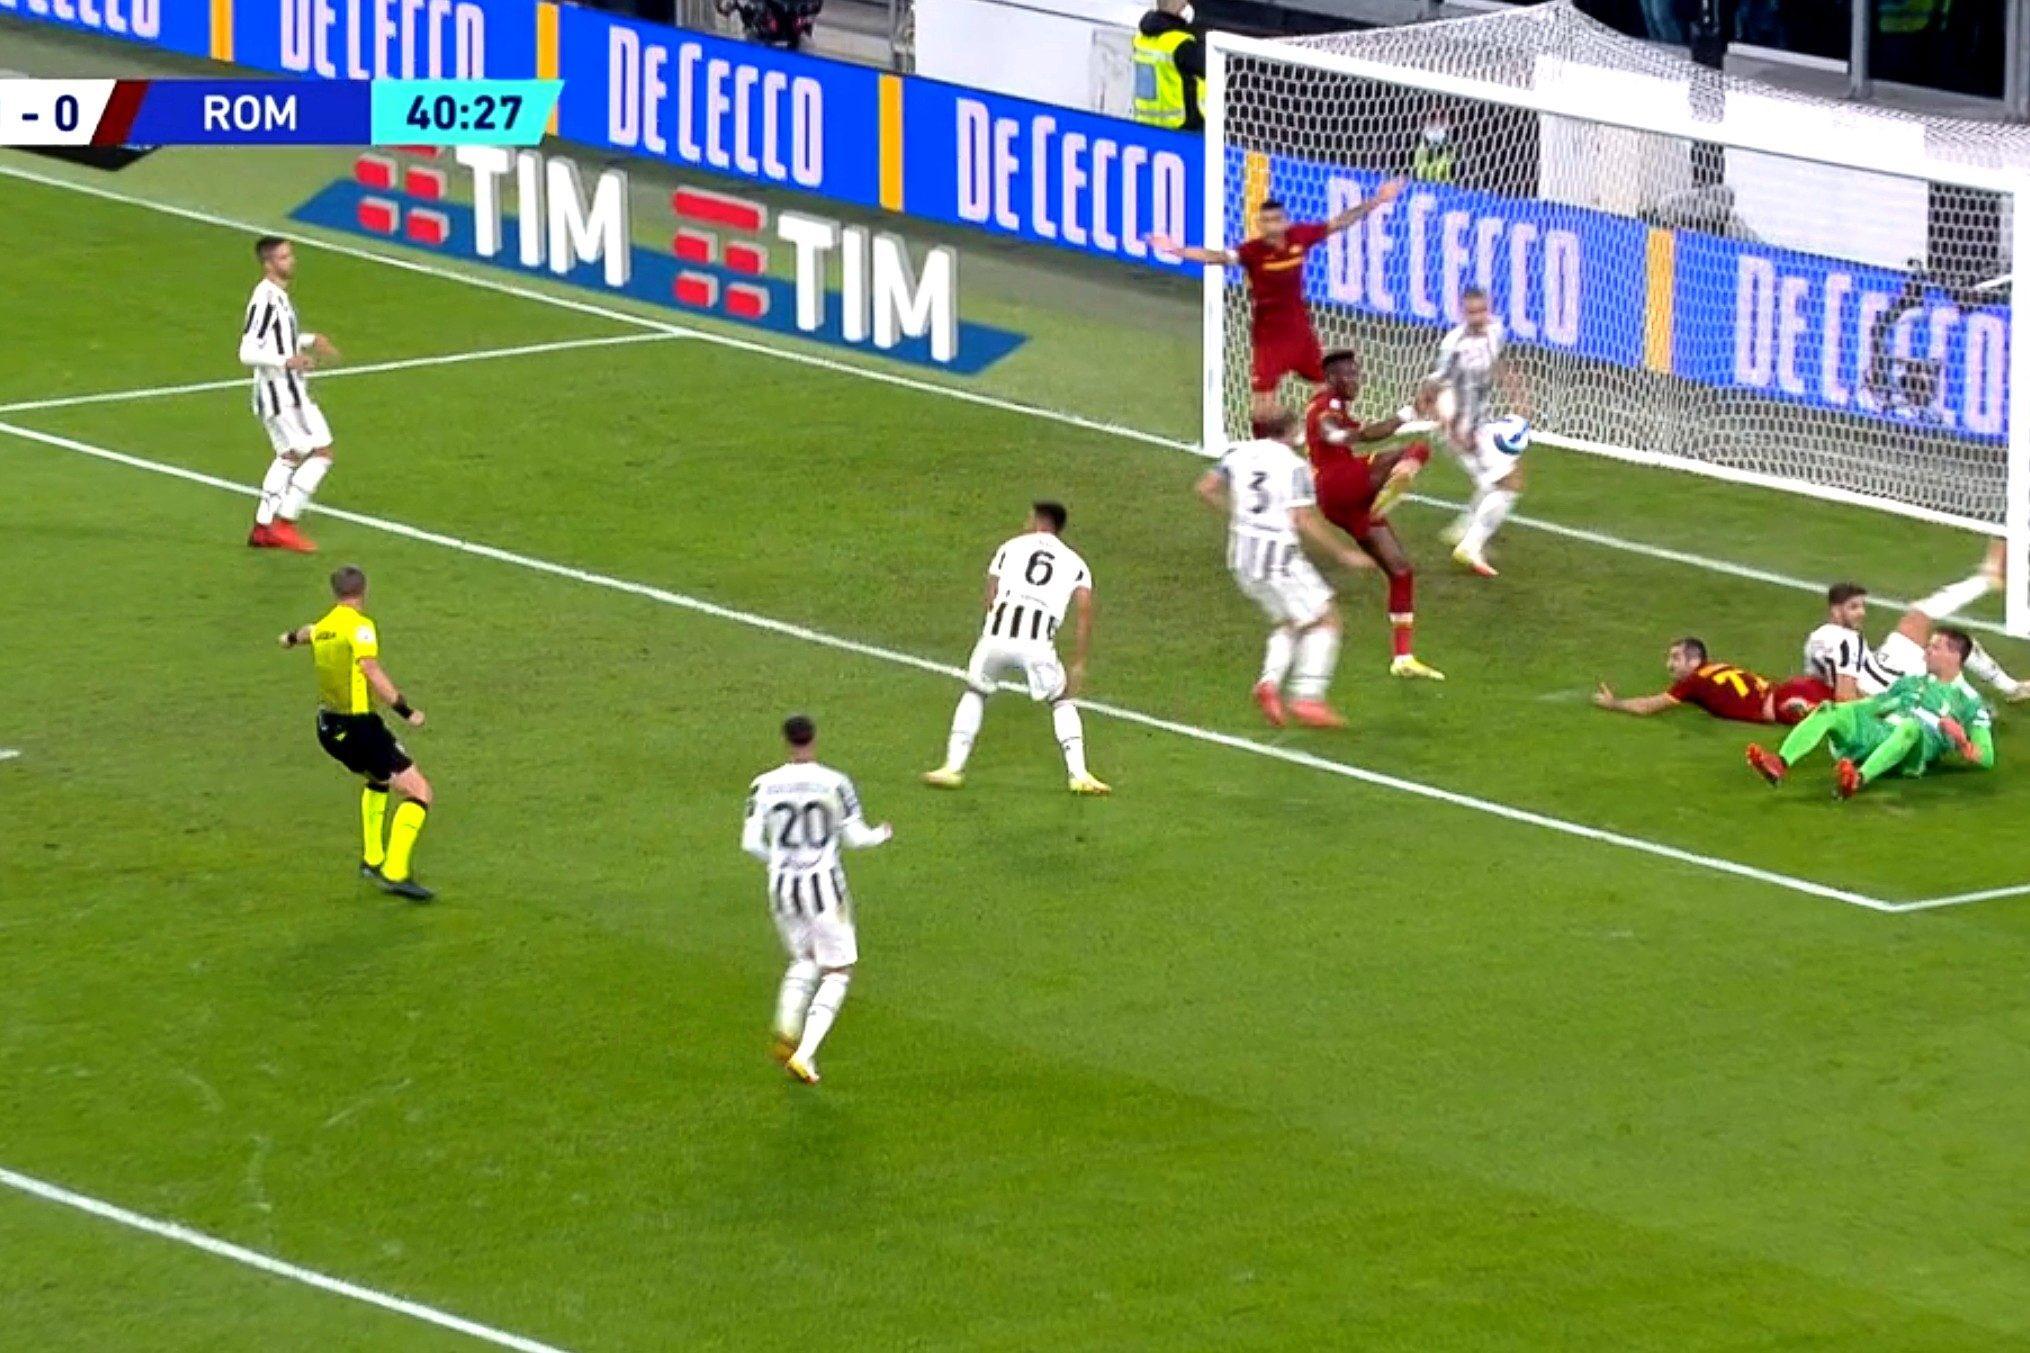 Juve-Roma, la spiegazione di Orsato a Cristante manda in delirio il web |  Sport e Vai